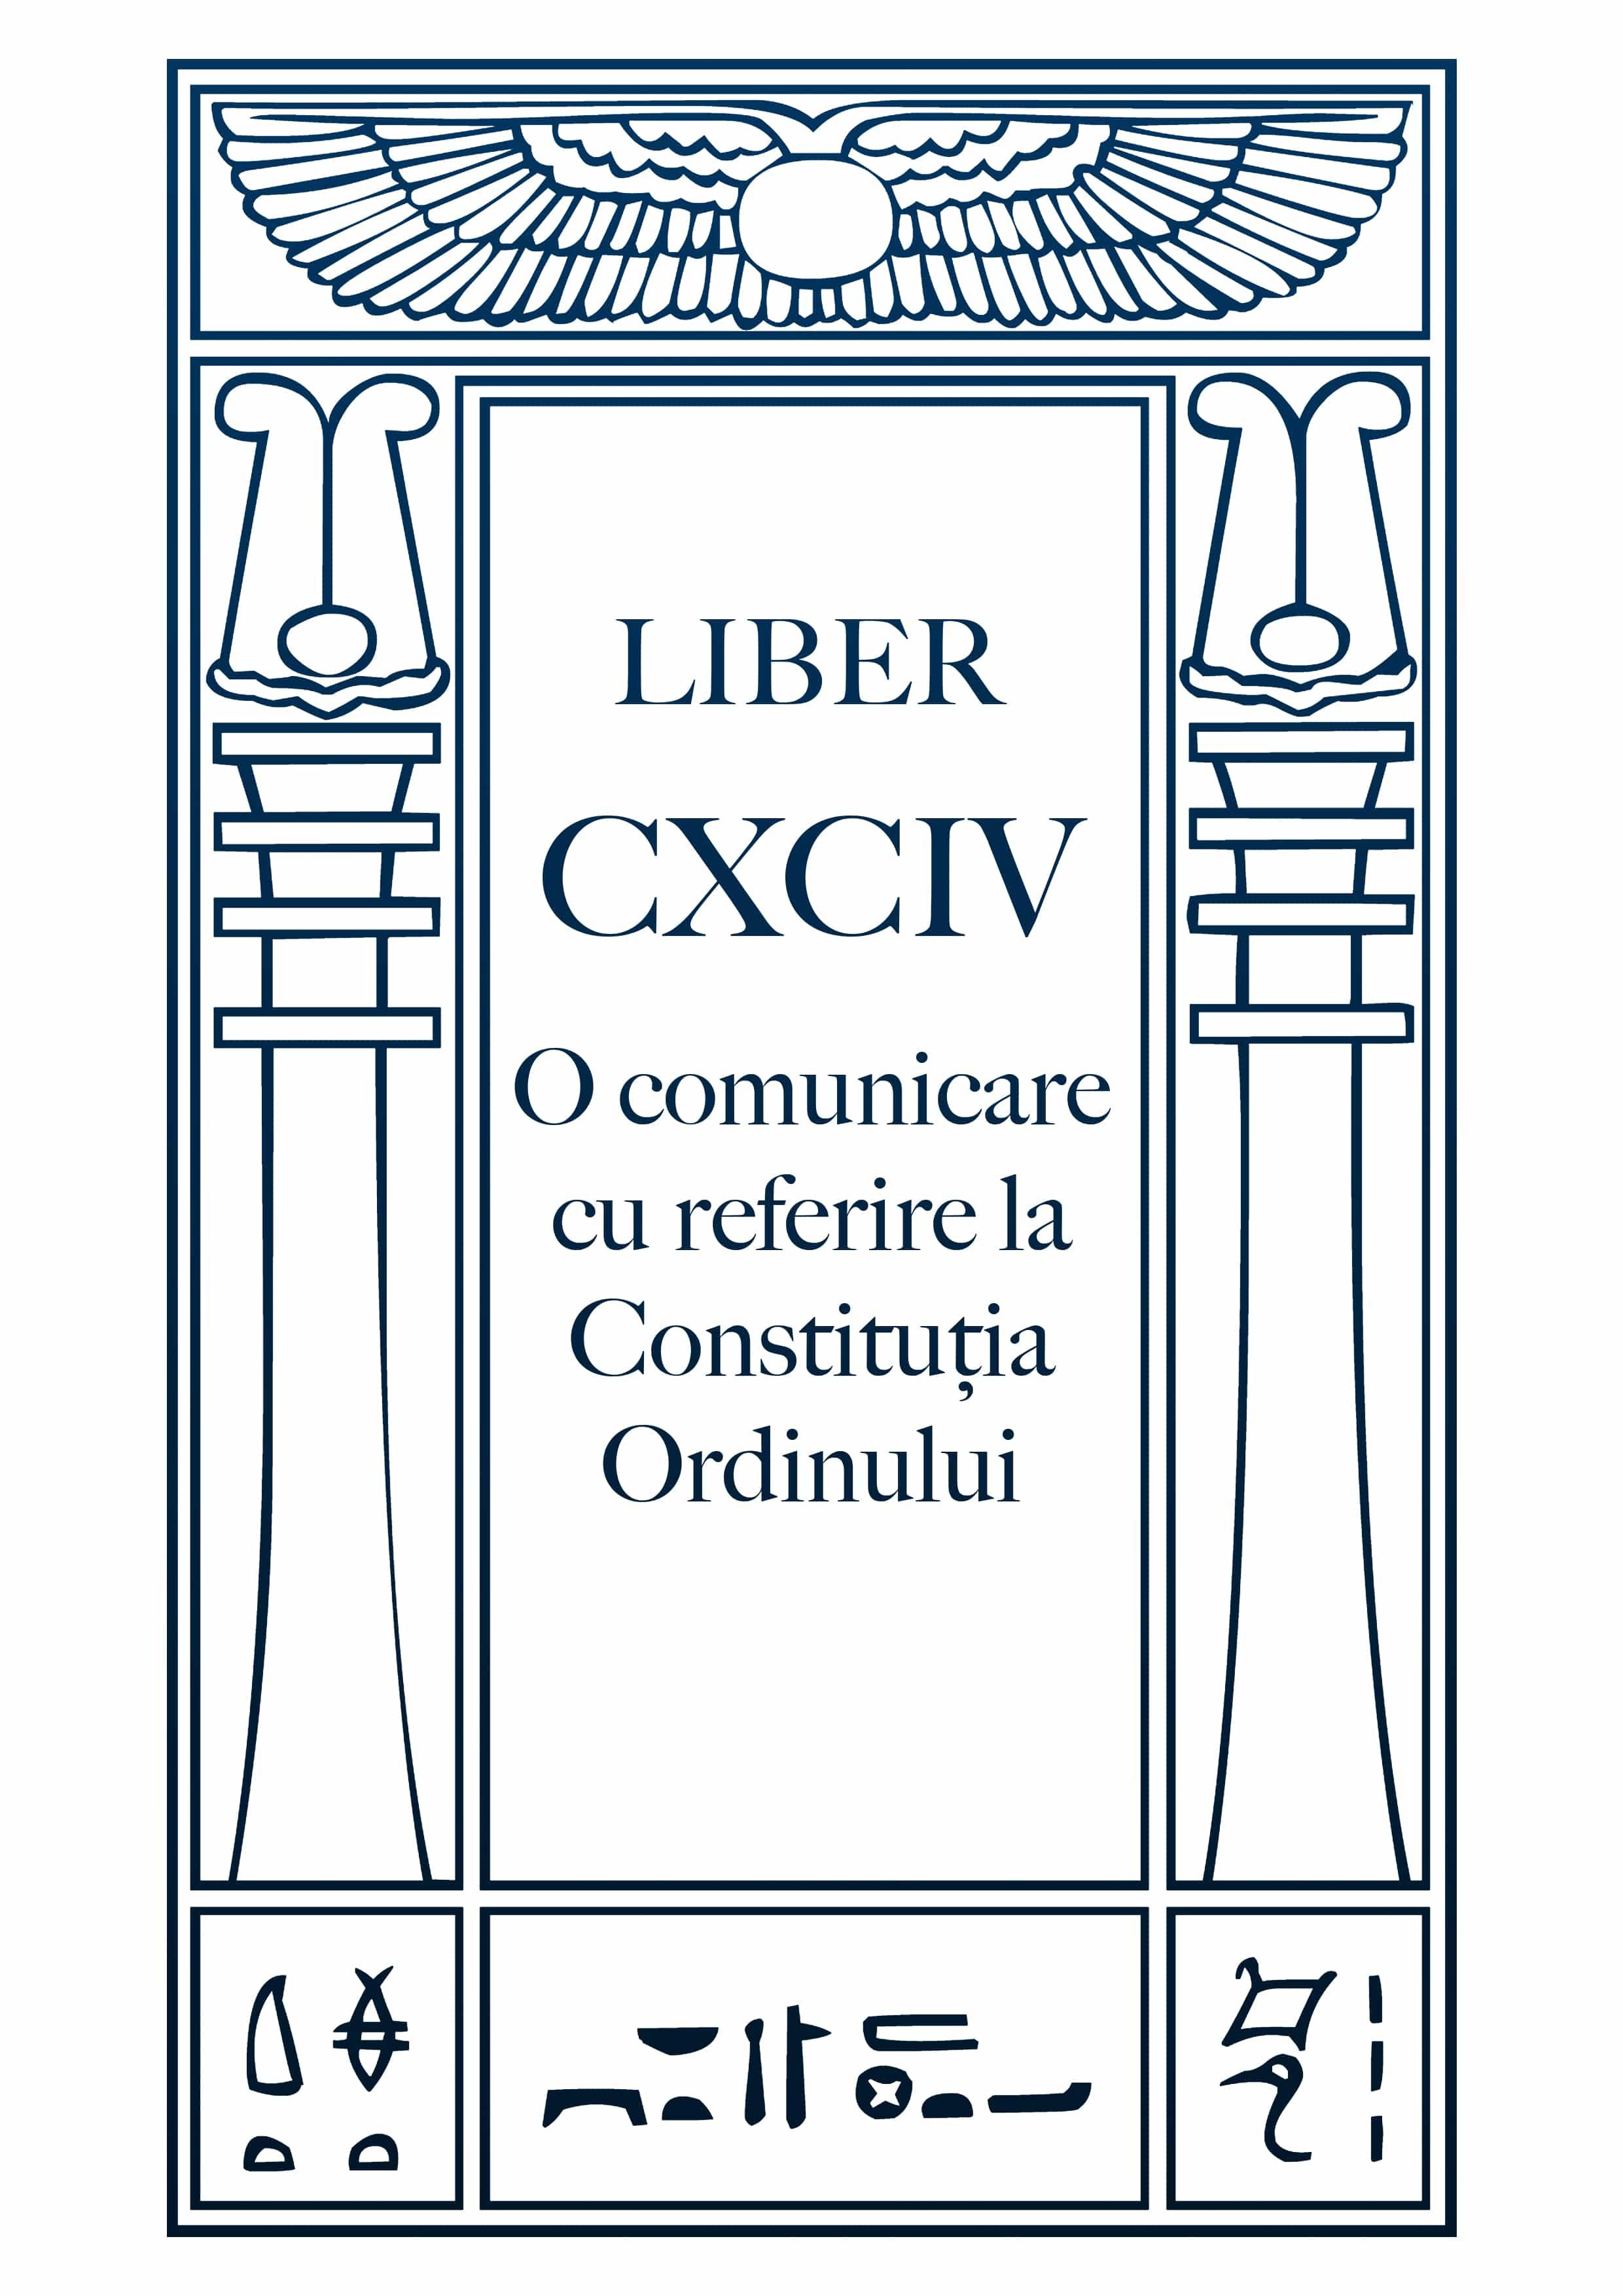 Liber CXCIV – O comunicare cu referire la Constituția Ordinului